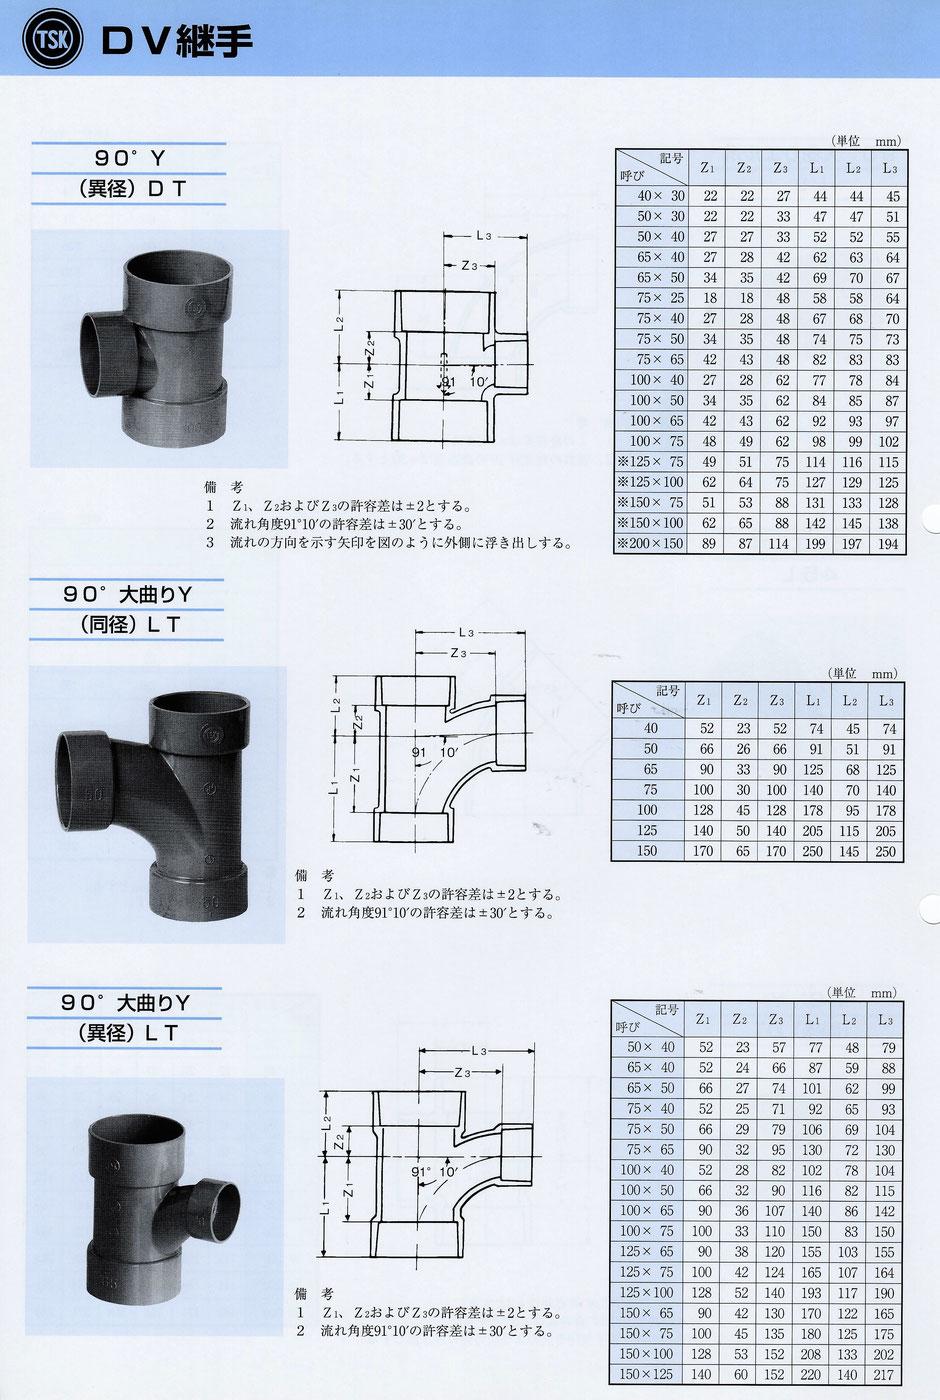 日本プラスチック工業㈱のカタログより抜粋